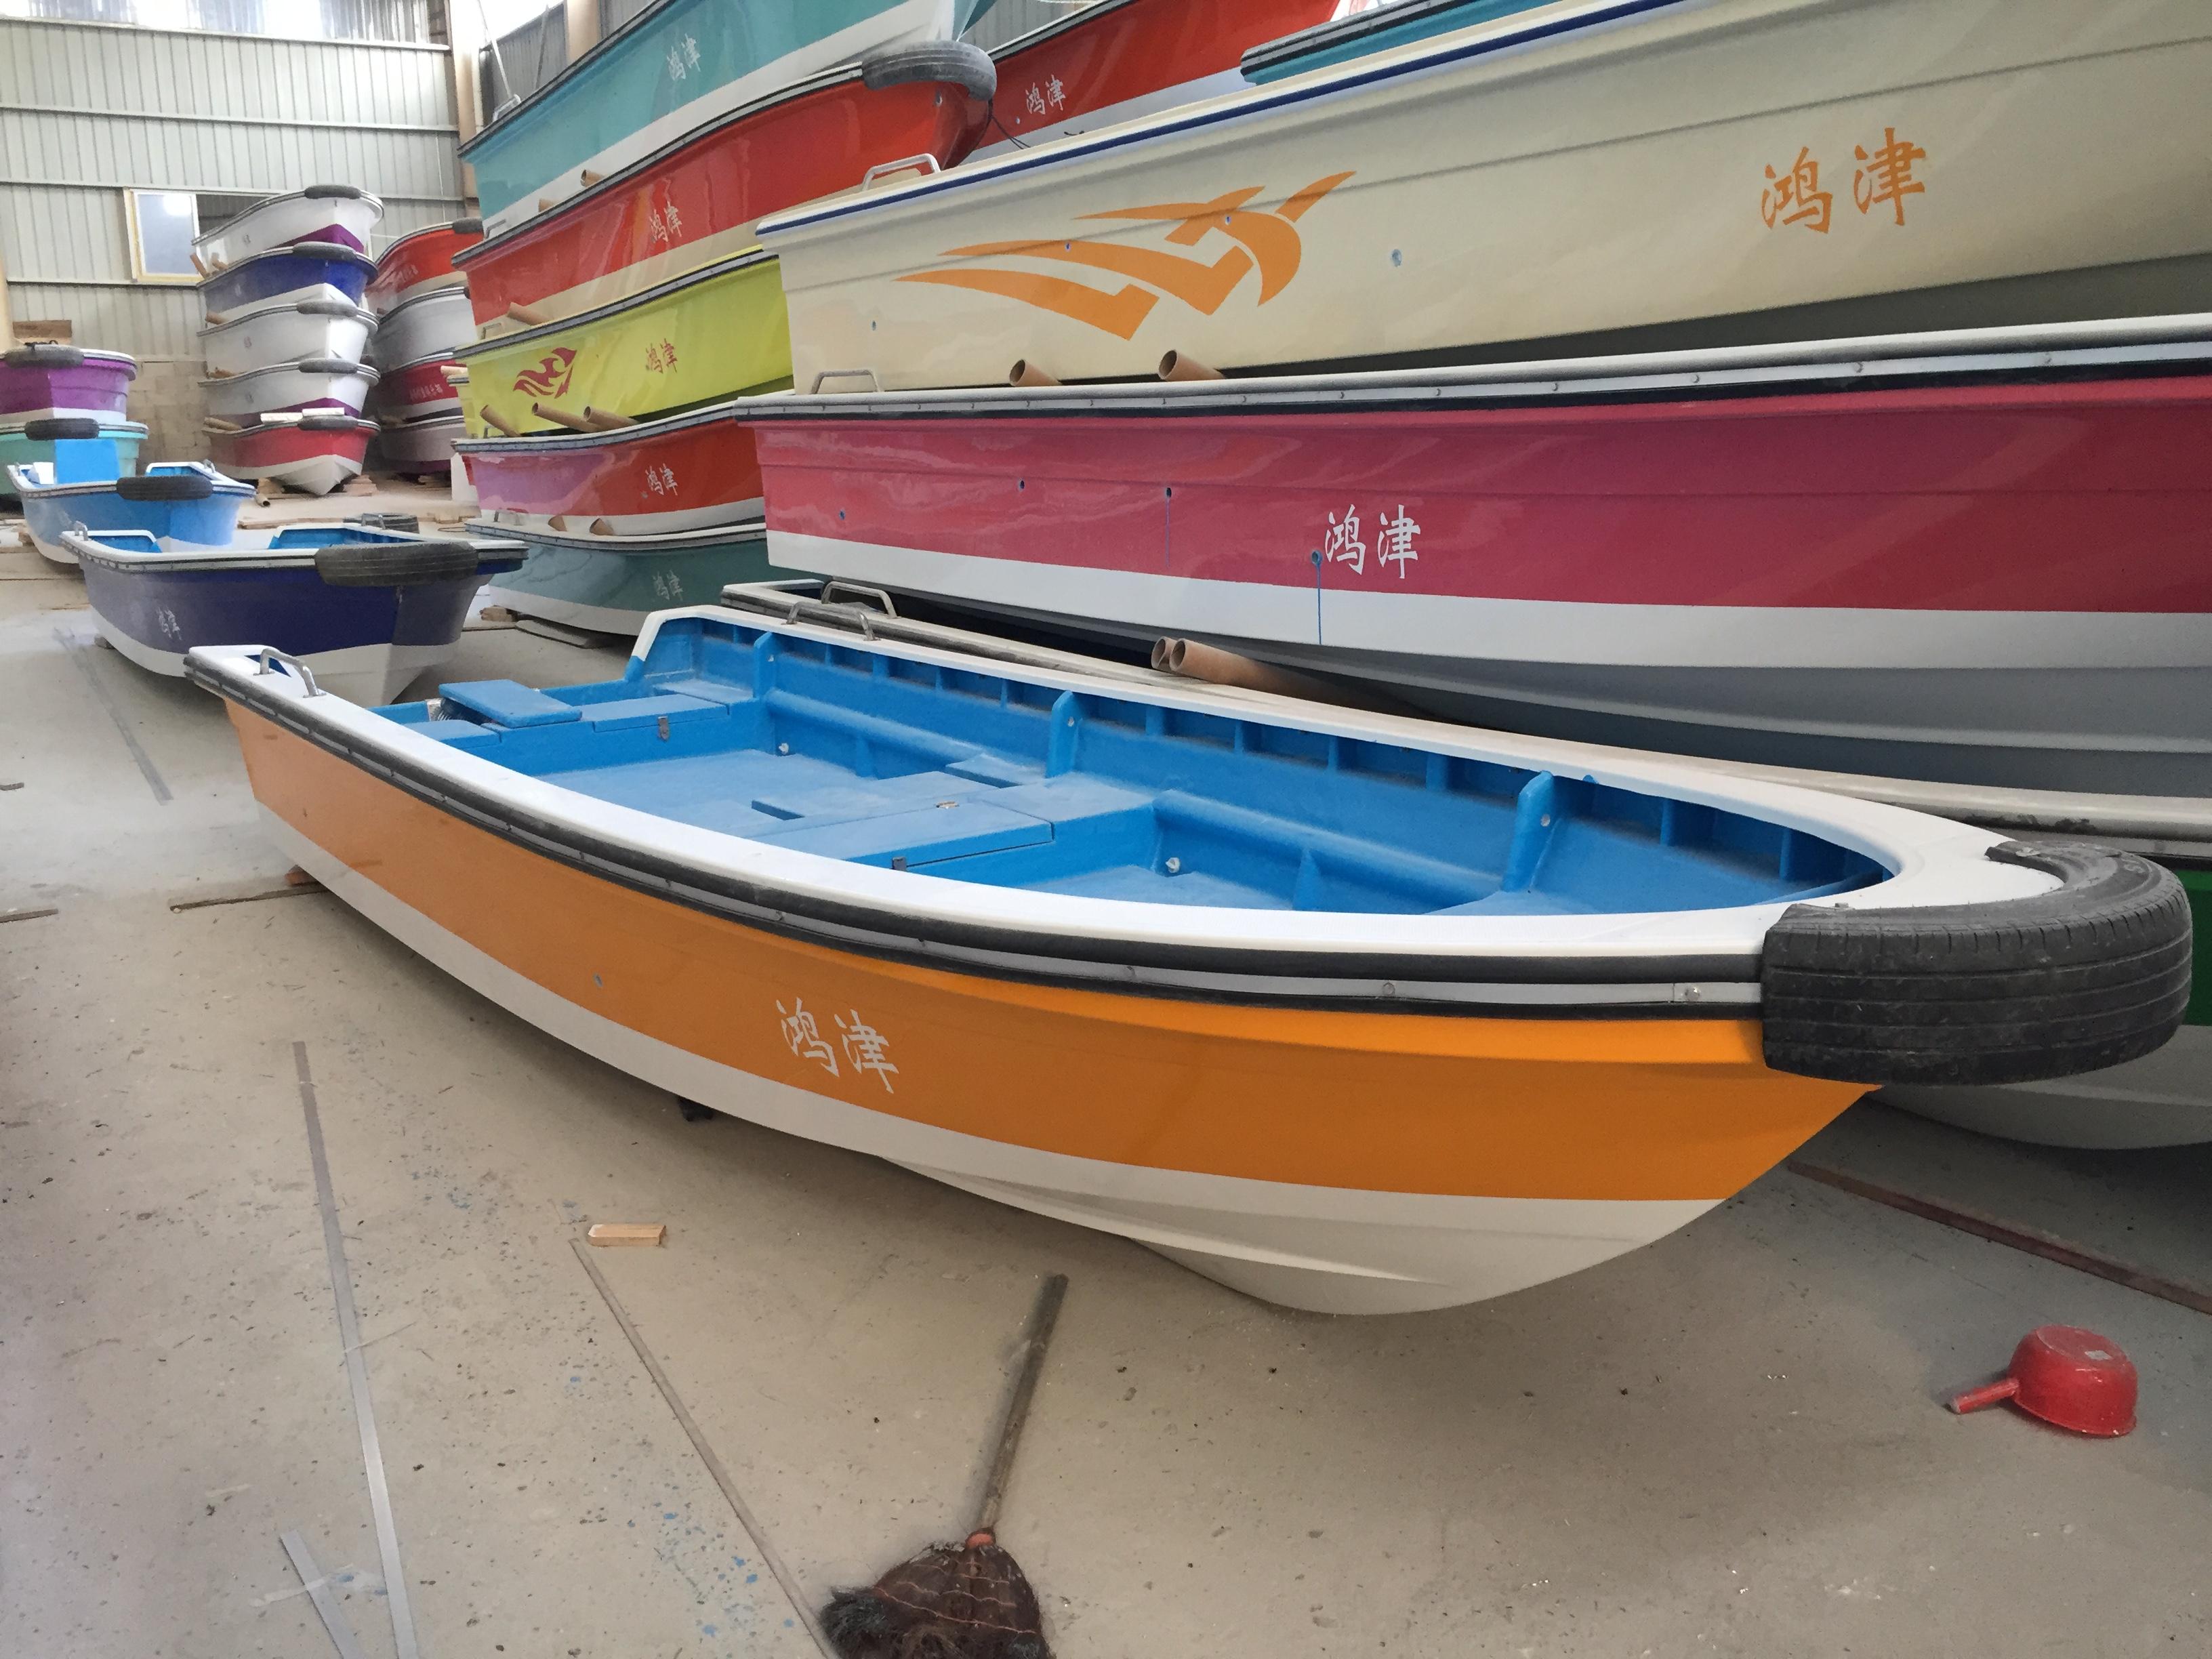 玻璃钢钓鱼艇/钓鱼船玻璃钢/小船/水上娱乐设施、